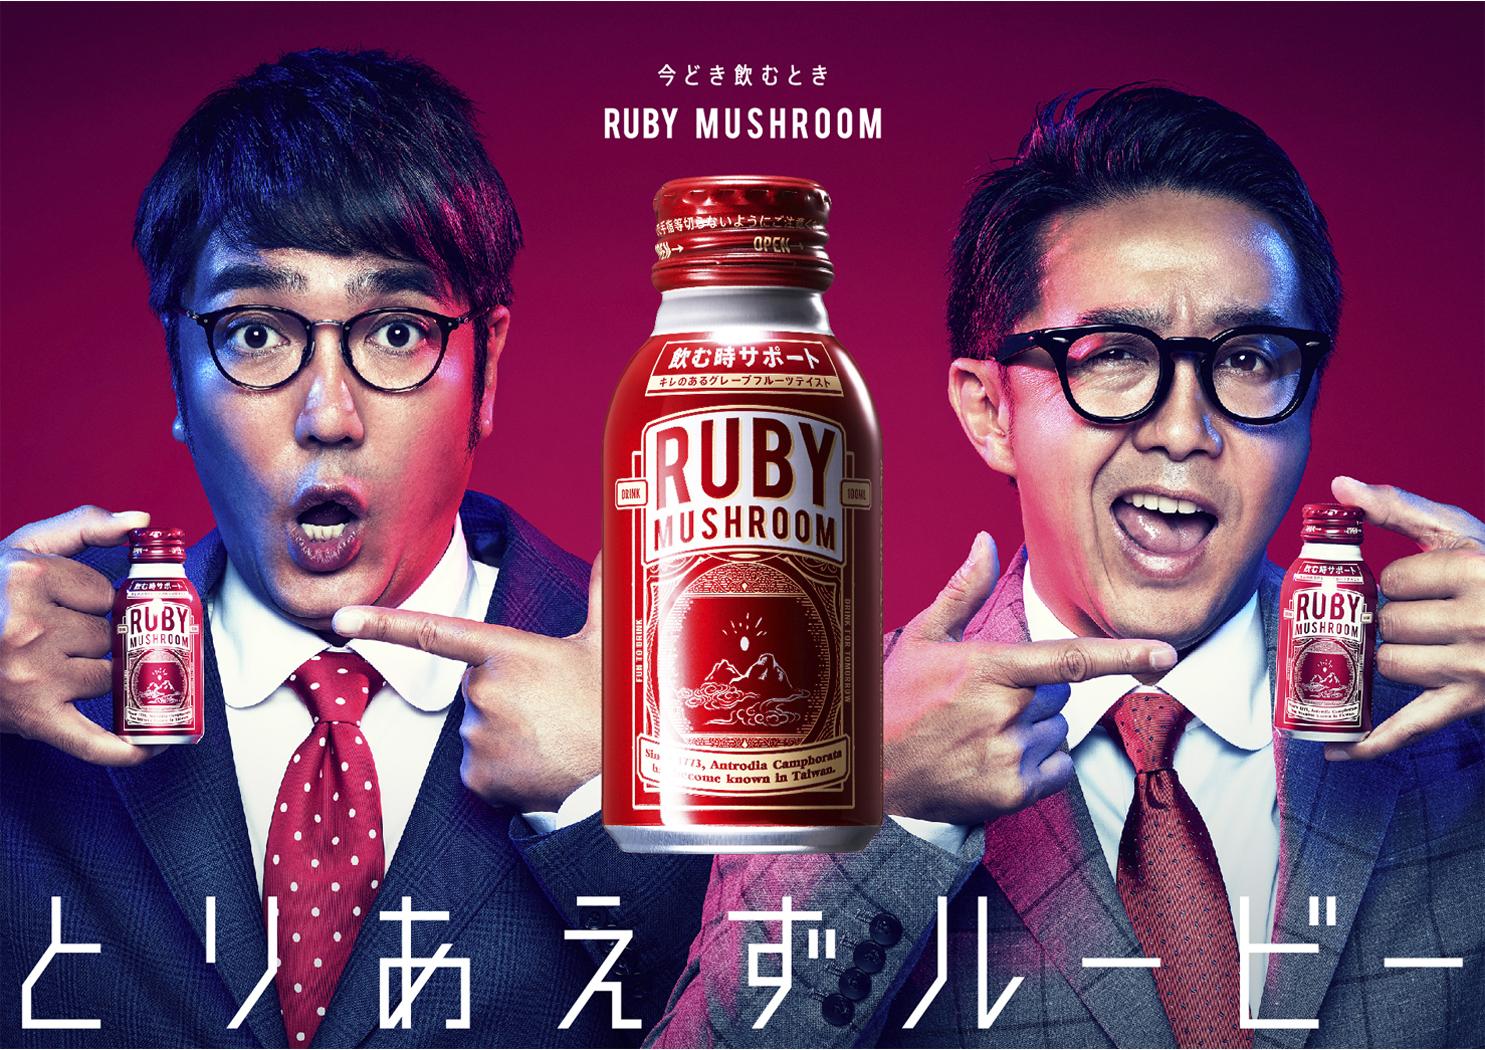 RUBY MUSHROOM